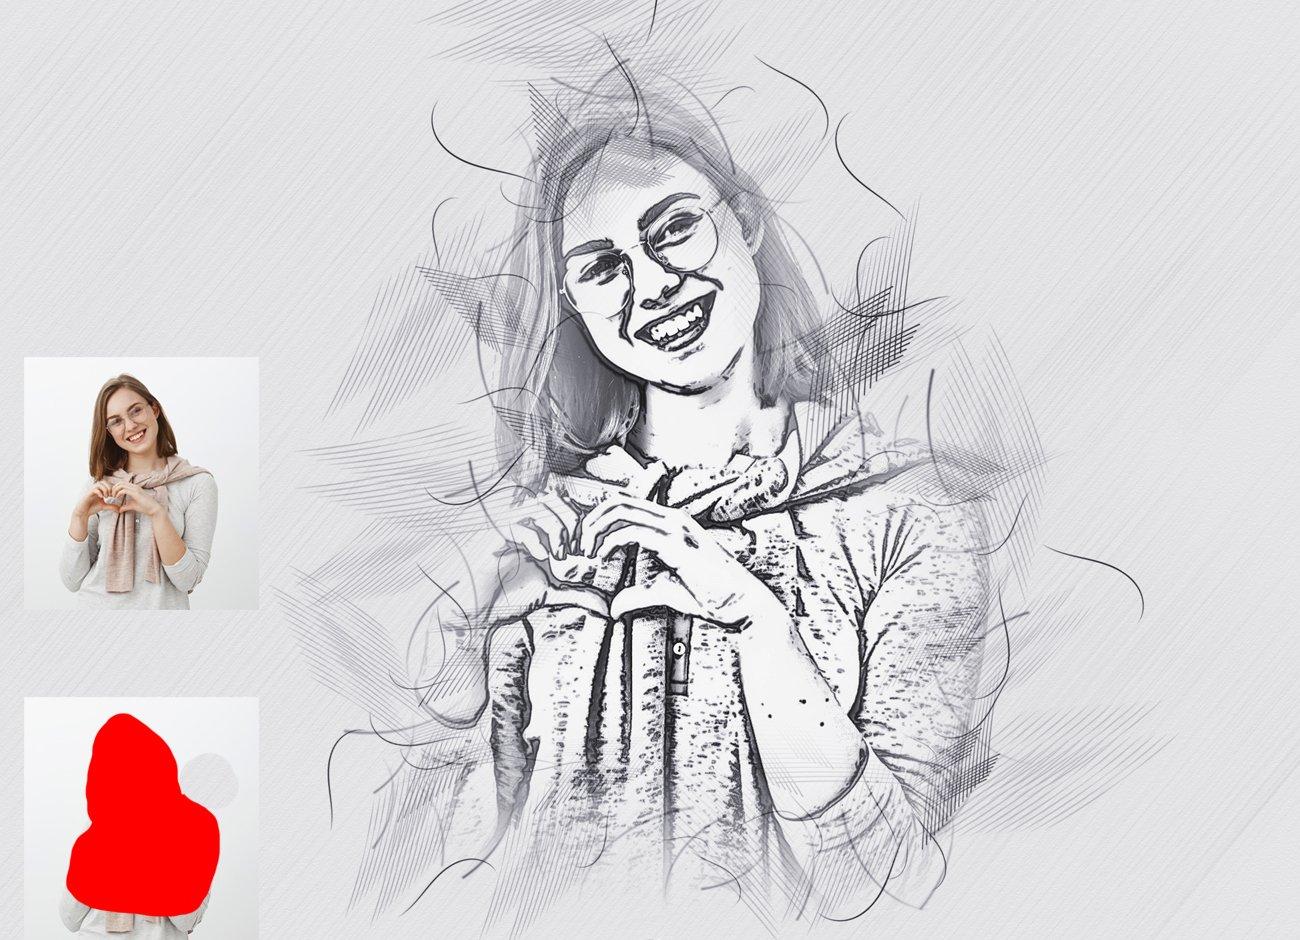 铅笔手绘素描效果照片处理特效PS动作模板 Hand Drawing Sketch Photoshop Action插图2